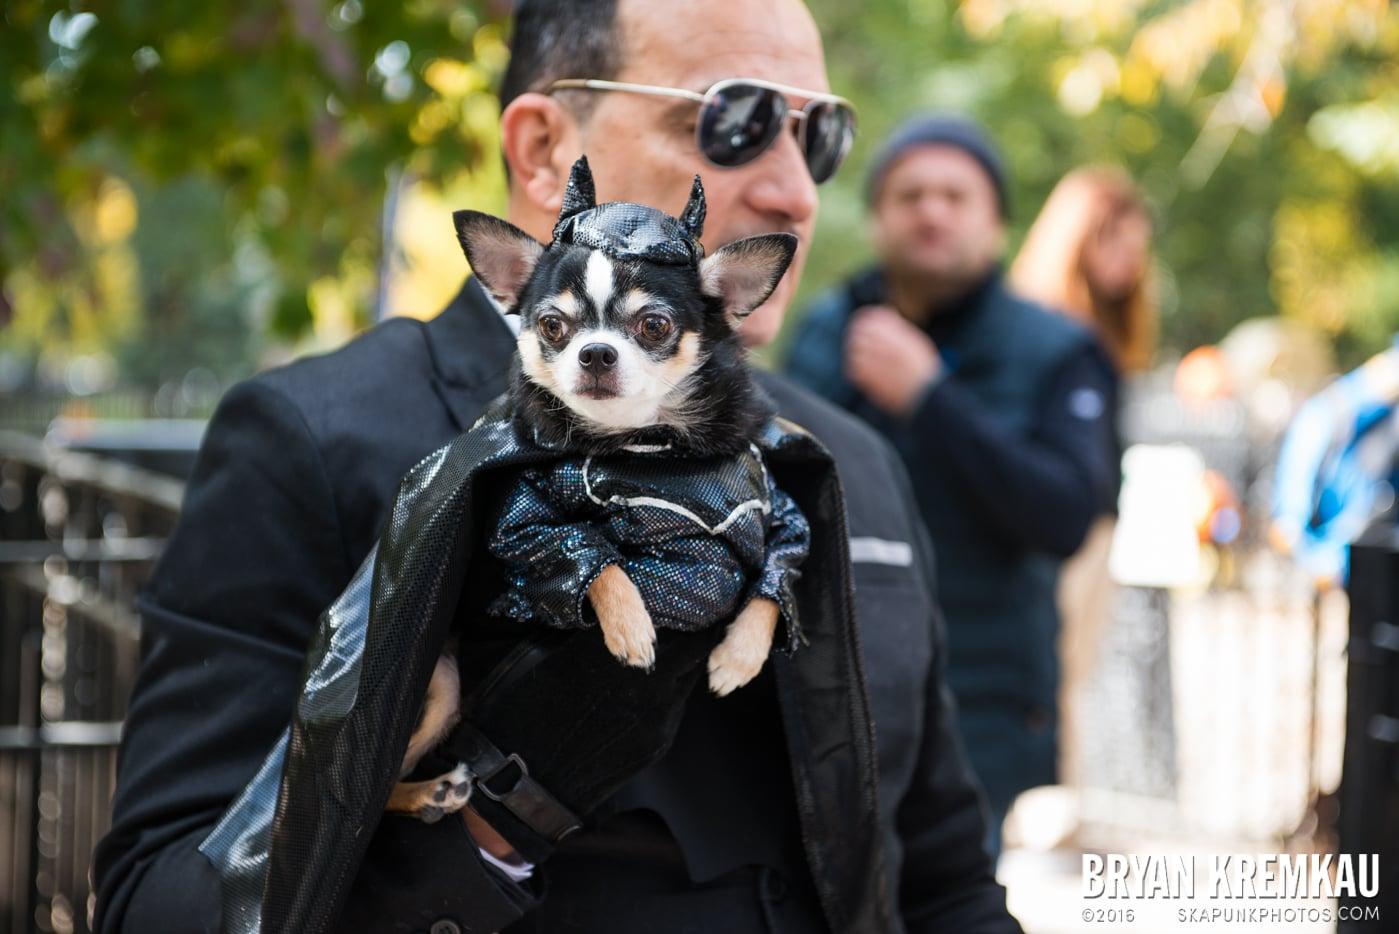 Tompkins Square Halloween Dog Parade 2015 @ Tompkins Square Park, NYC – 10.24.15 (75)